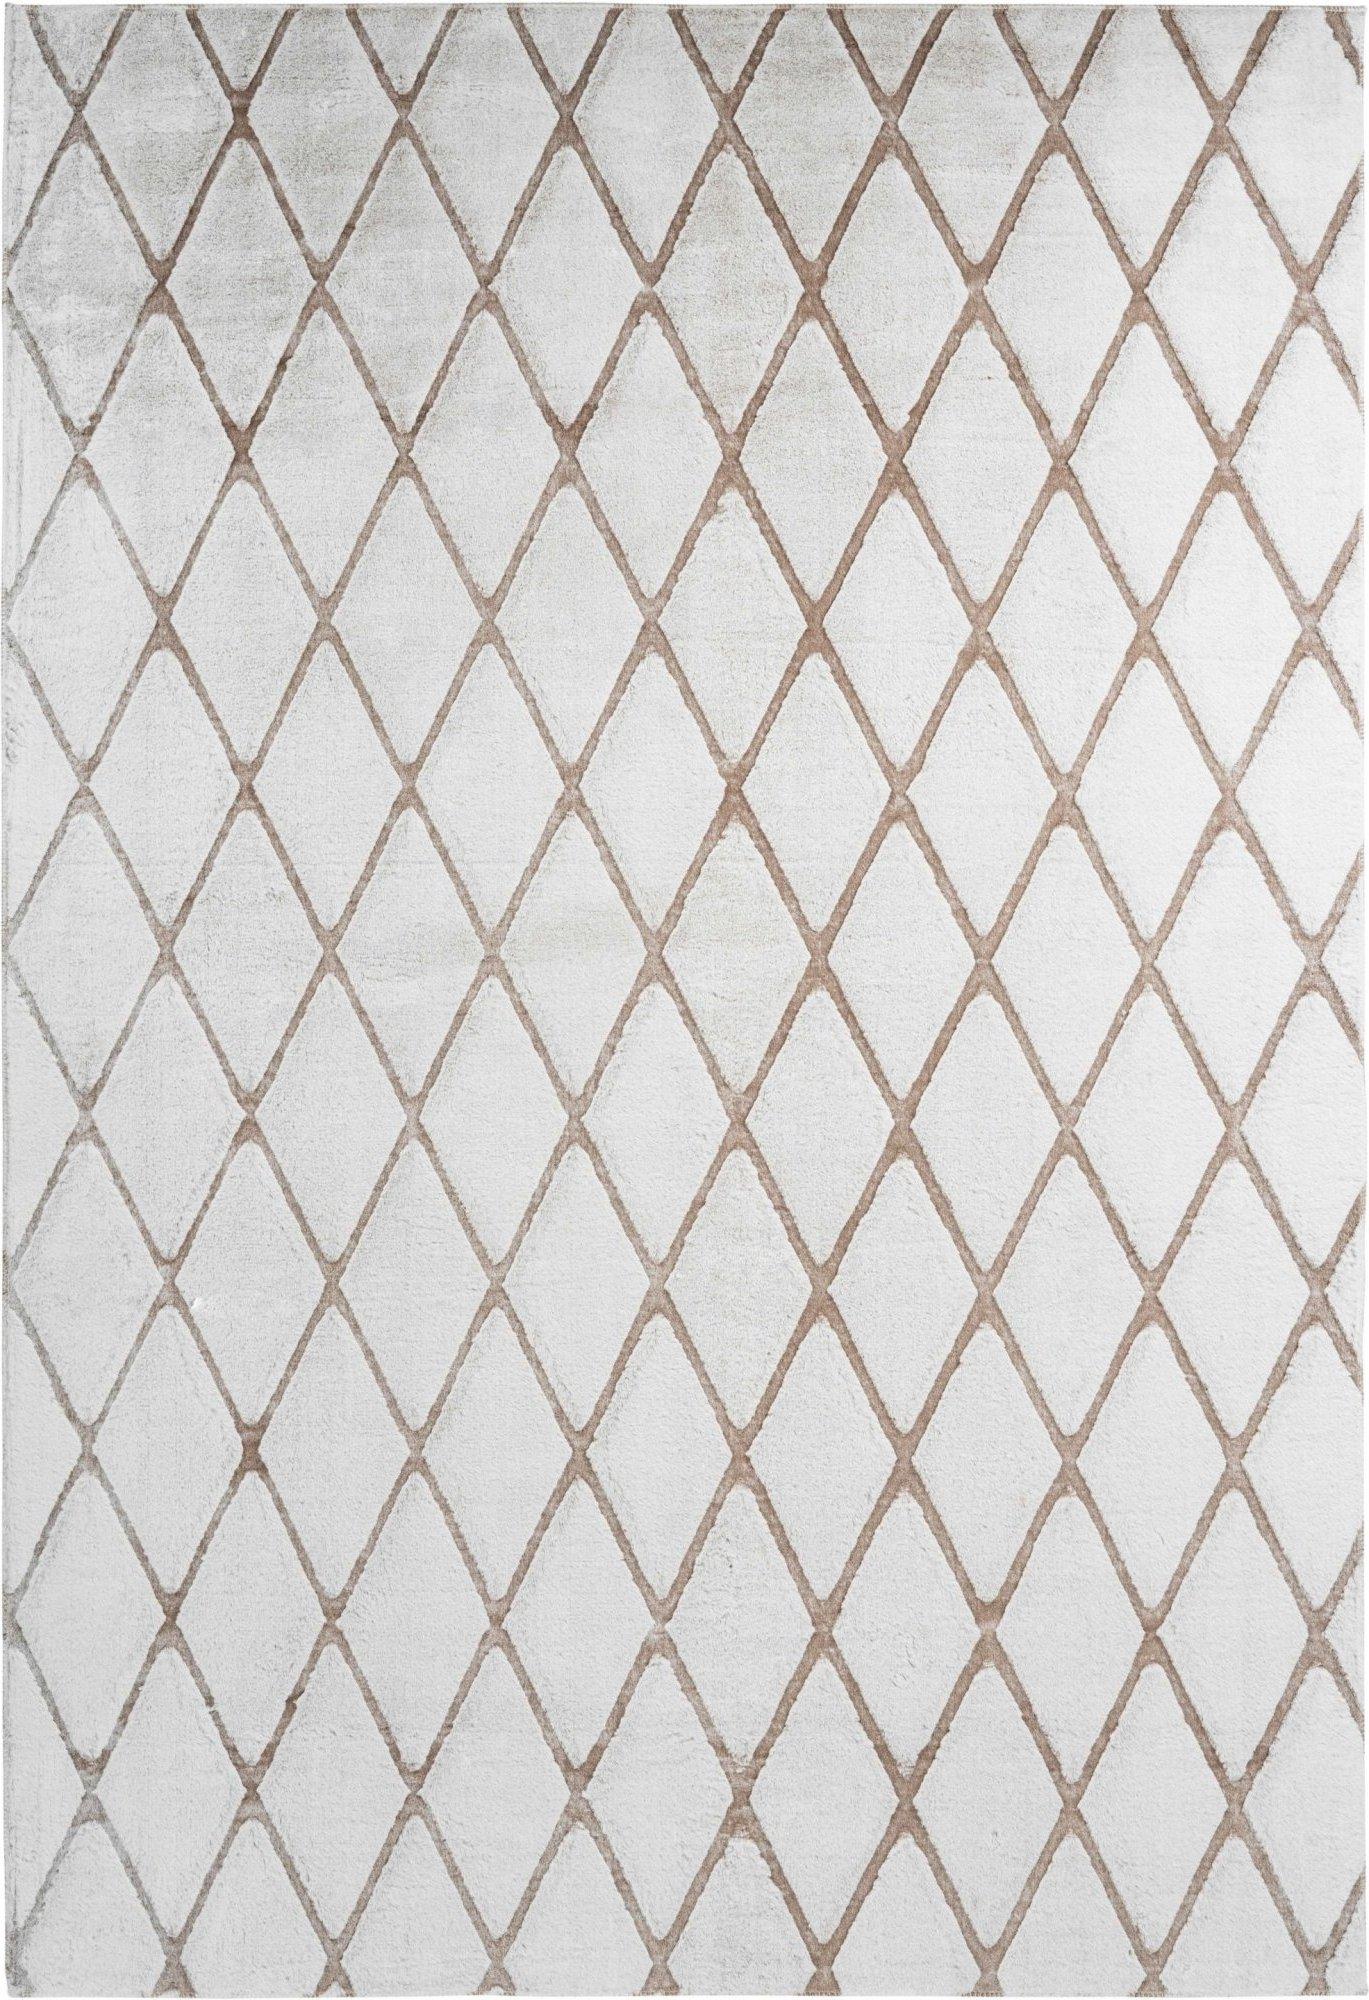 Tapis en polyester blanc et taupe 80x150